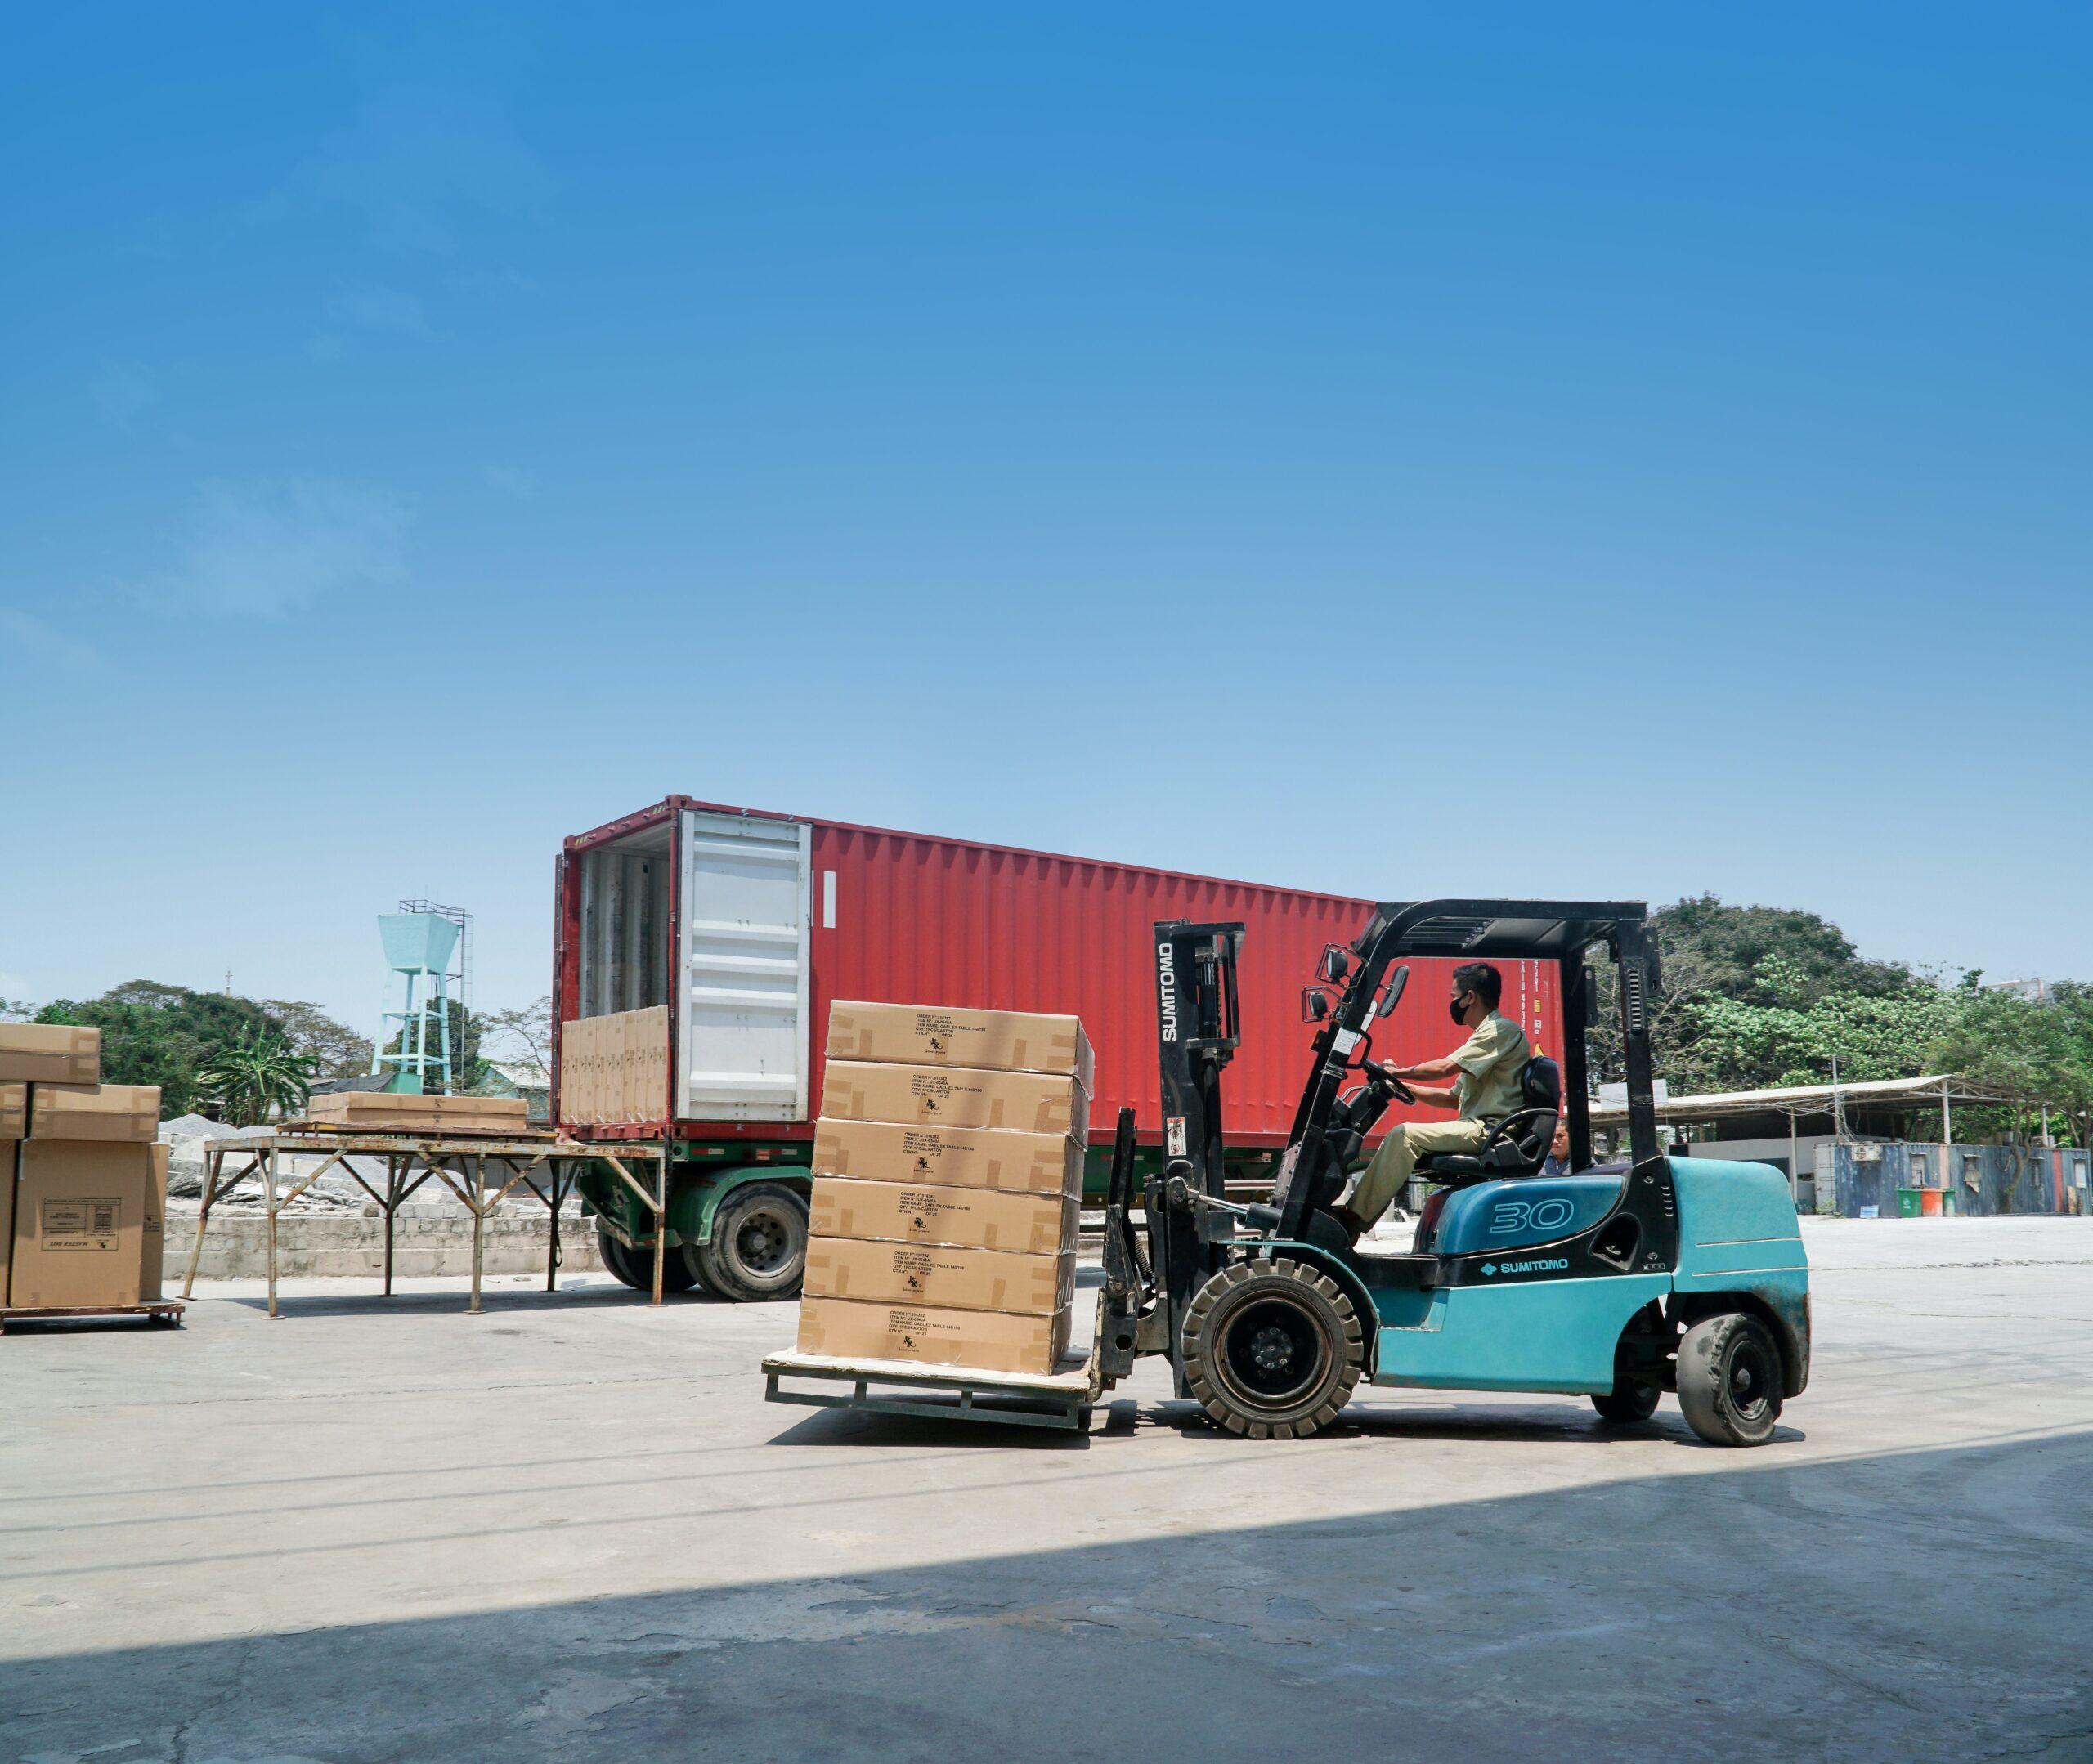 Cargo Truck Drivers Perform An Essential, But Often Dangerous Job